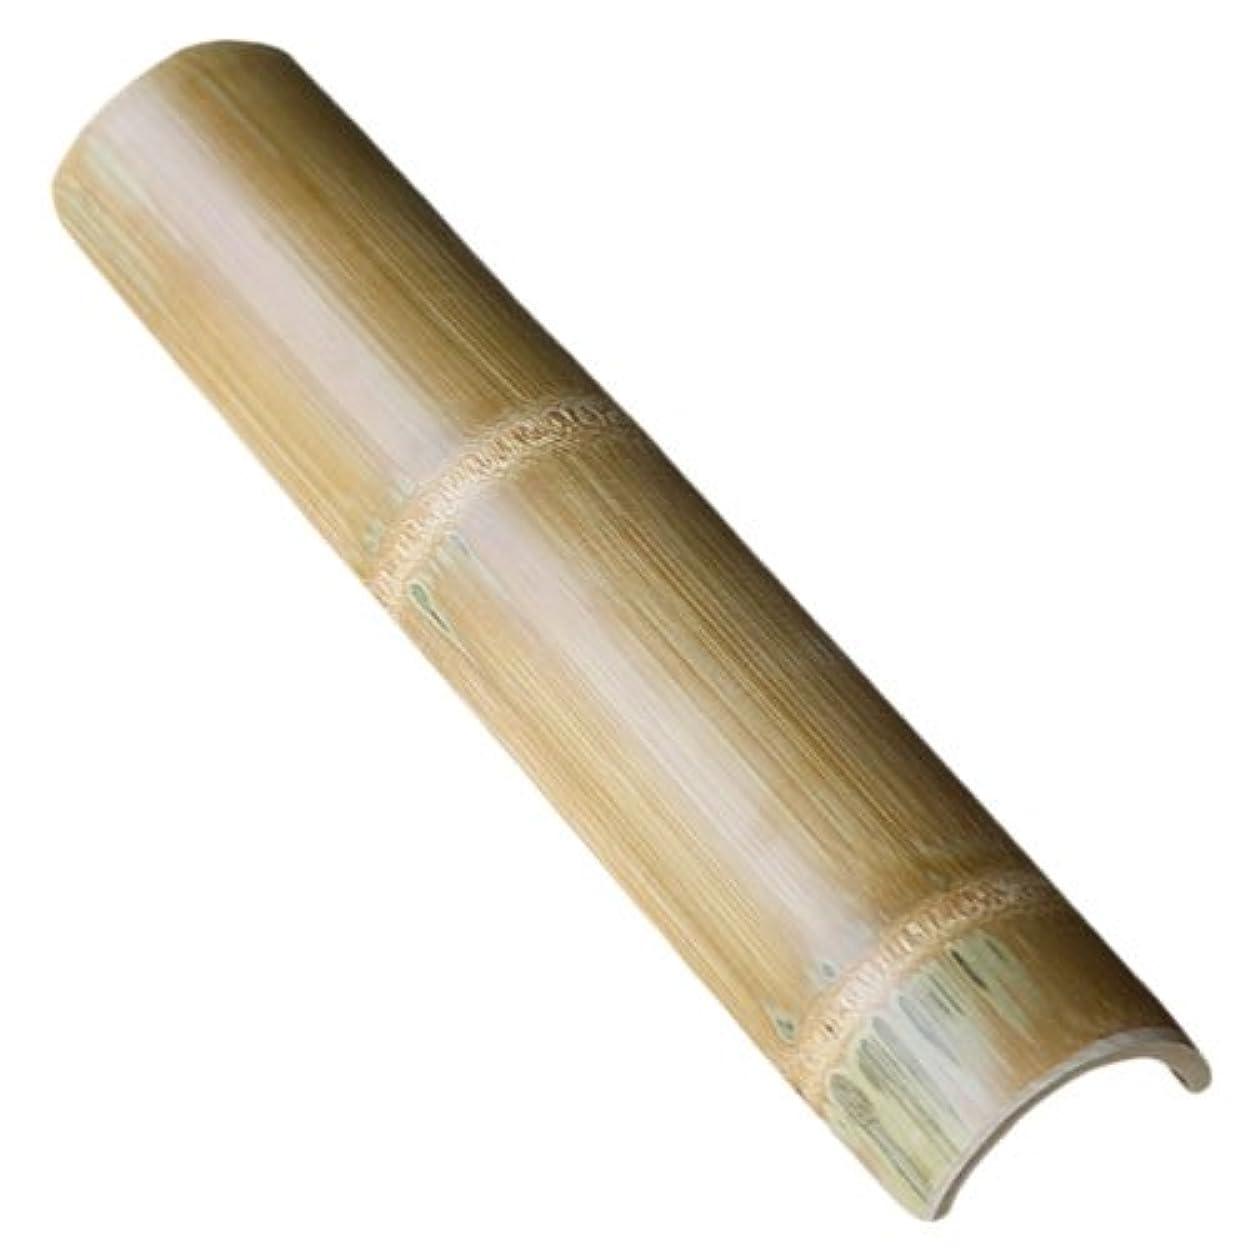 世界記録のギネスブックイーウェルパス【国産】炭化竹踏み 青竹を炭化加工して防虫、防カビ効果を向上させて美しく磨き上げた丈夫な二節付の竹踏み